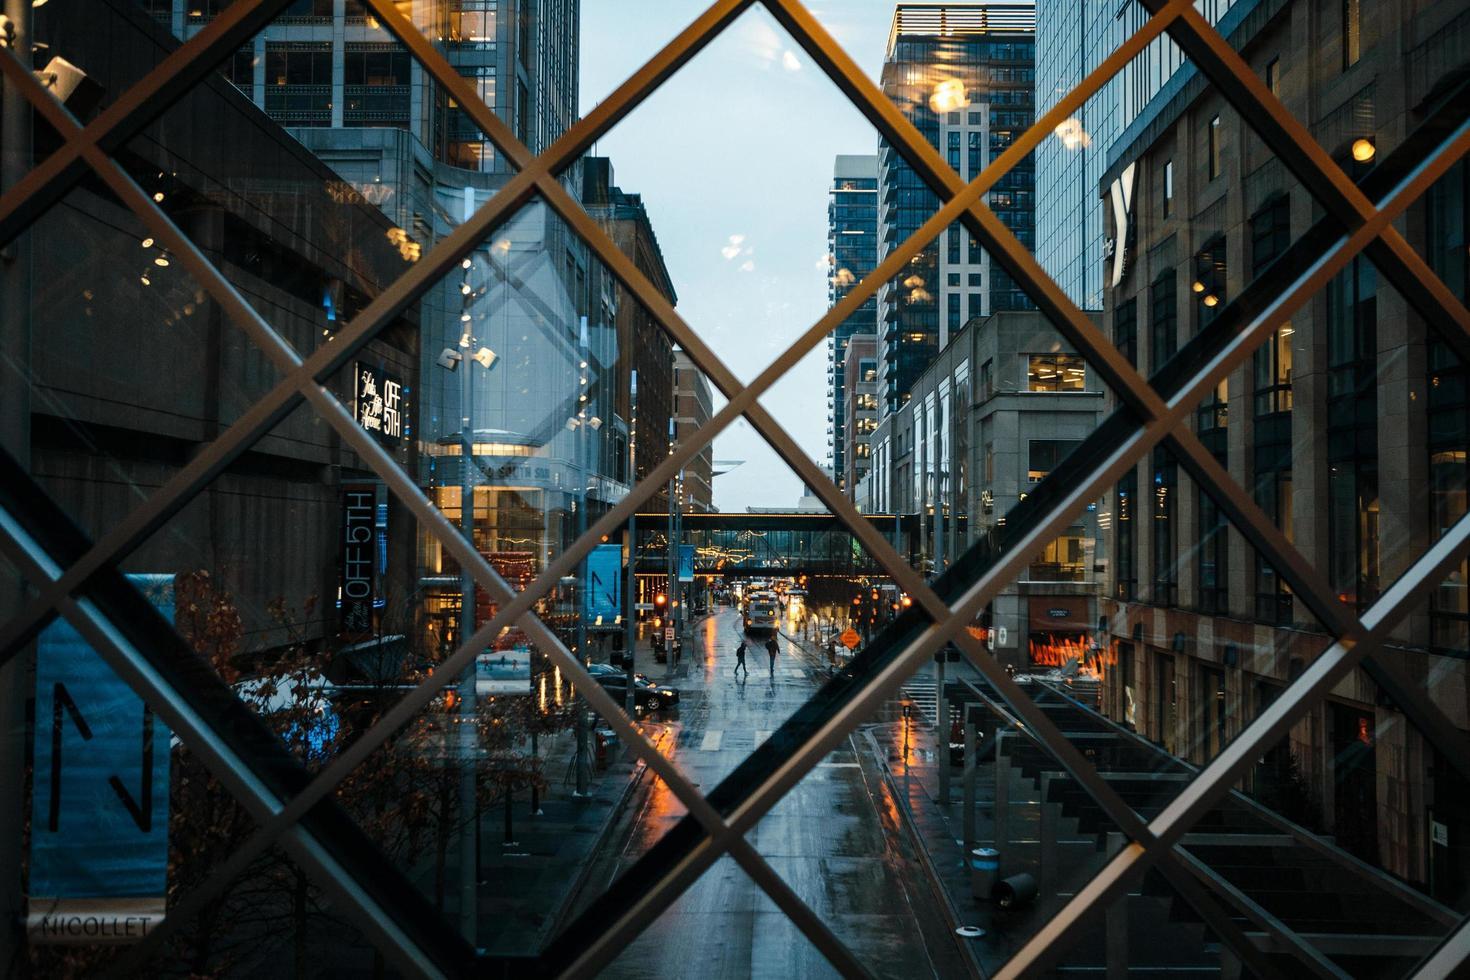 vue sur la ville depuis le pont photo